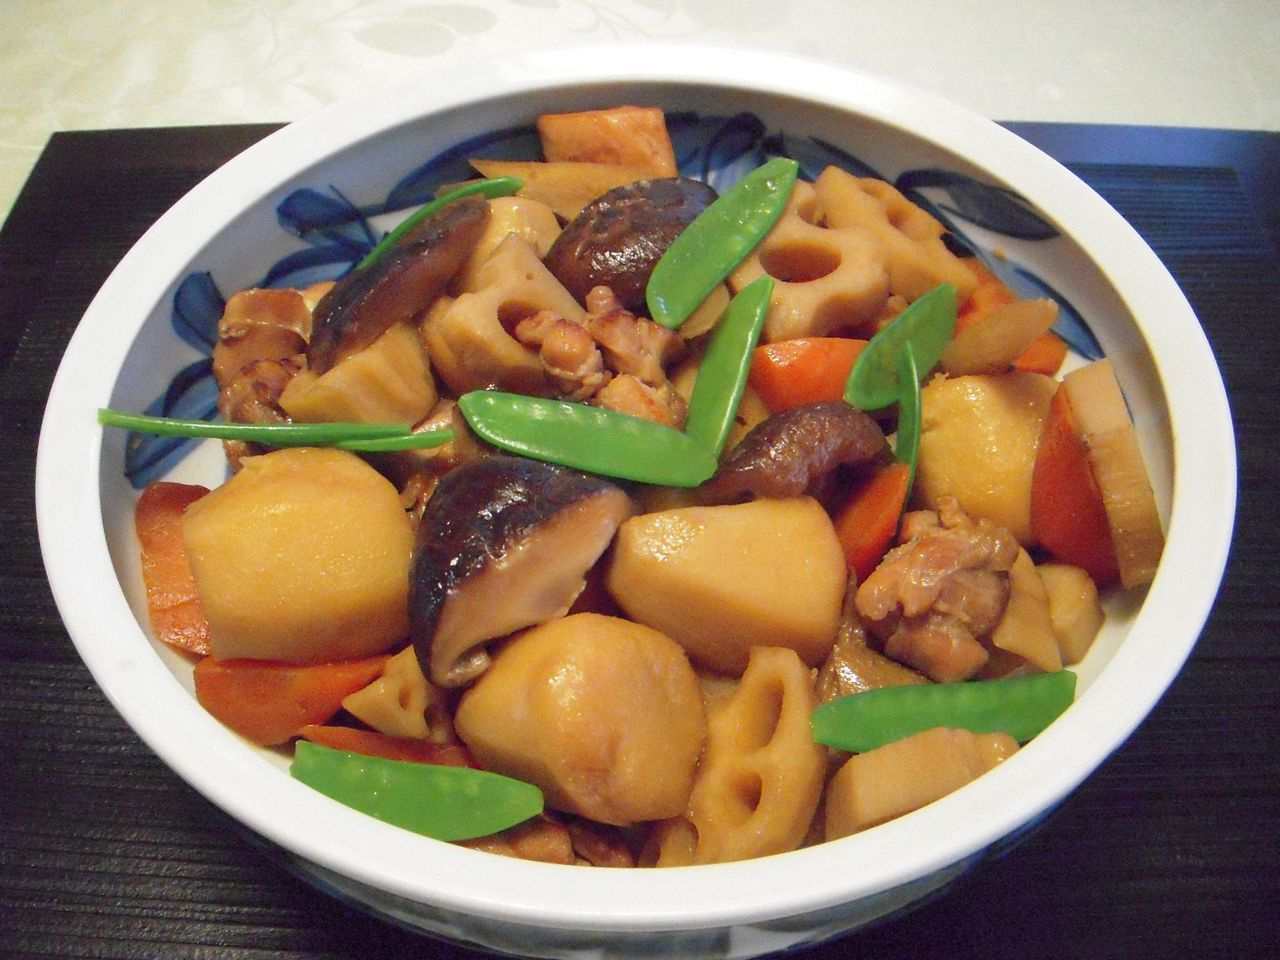 和食の人気の基本煮物・筑前煮レシピをマスターしましょう!のサムネイル画像